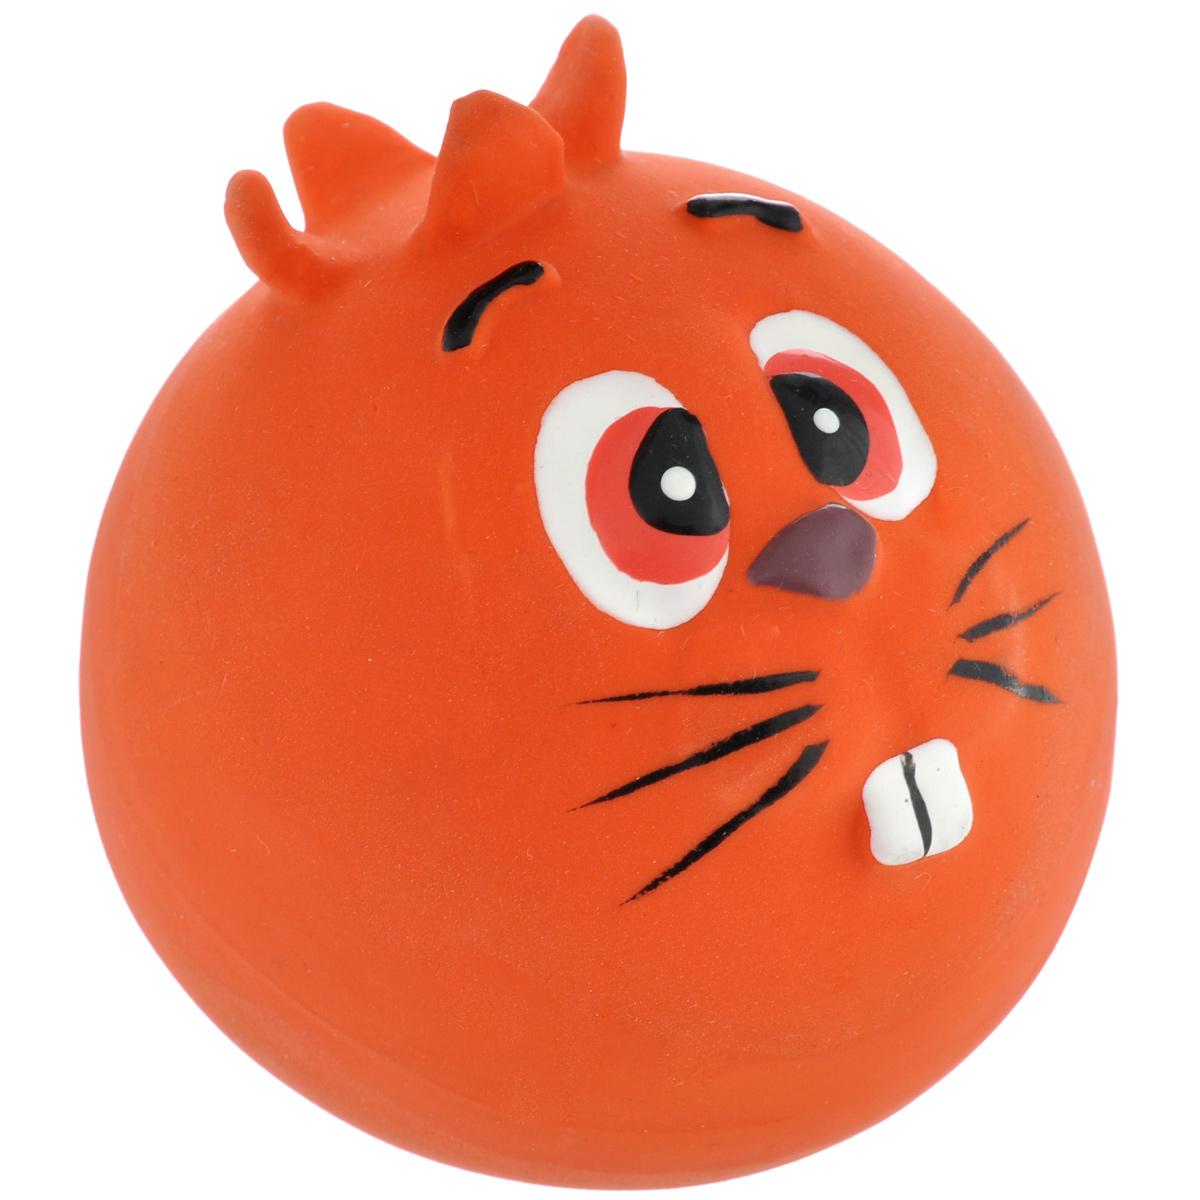 Игрушка для собак I.P.T.S. Мяч с мордочкой, цвет: красный, диаметр 7 смC-103Игрушка для собак I.P.T.S. Мяч с мордочкой, изготовленная из высококачественного латекса, выполнена в виде мячика с милой мордочкой. Такая игрушка порадует вашего любимца, а вам доставит массу приятных эмоций, ведь наблюдать за игрой всегда интересно и приятно. Оставшись в одиночестве, ваша собака будет увлеченно играть.Диаметр: 7 см.